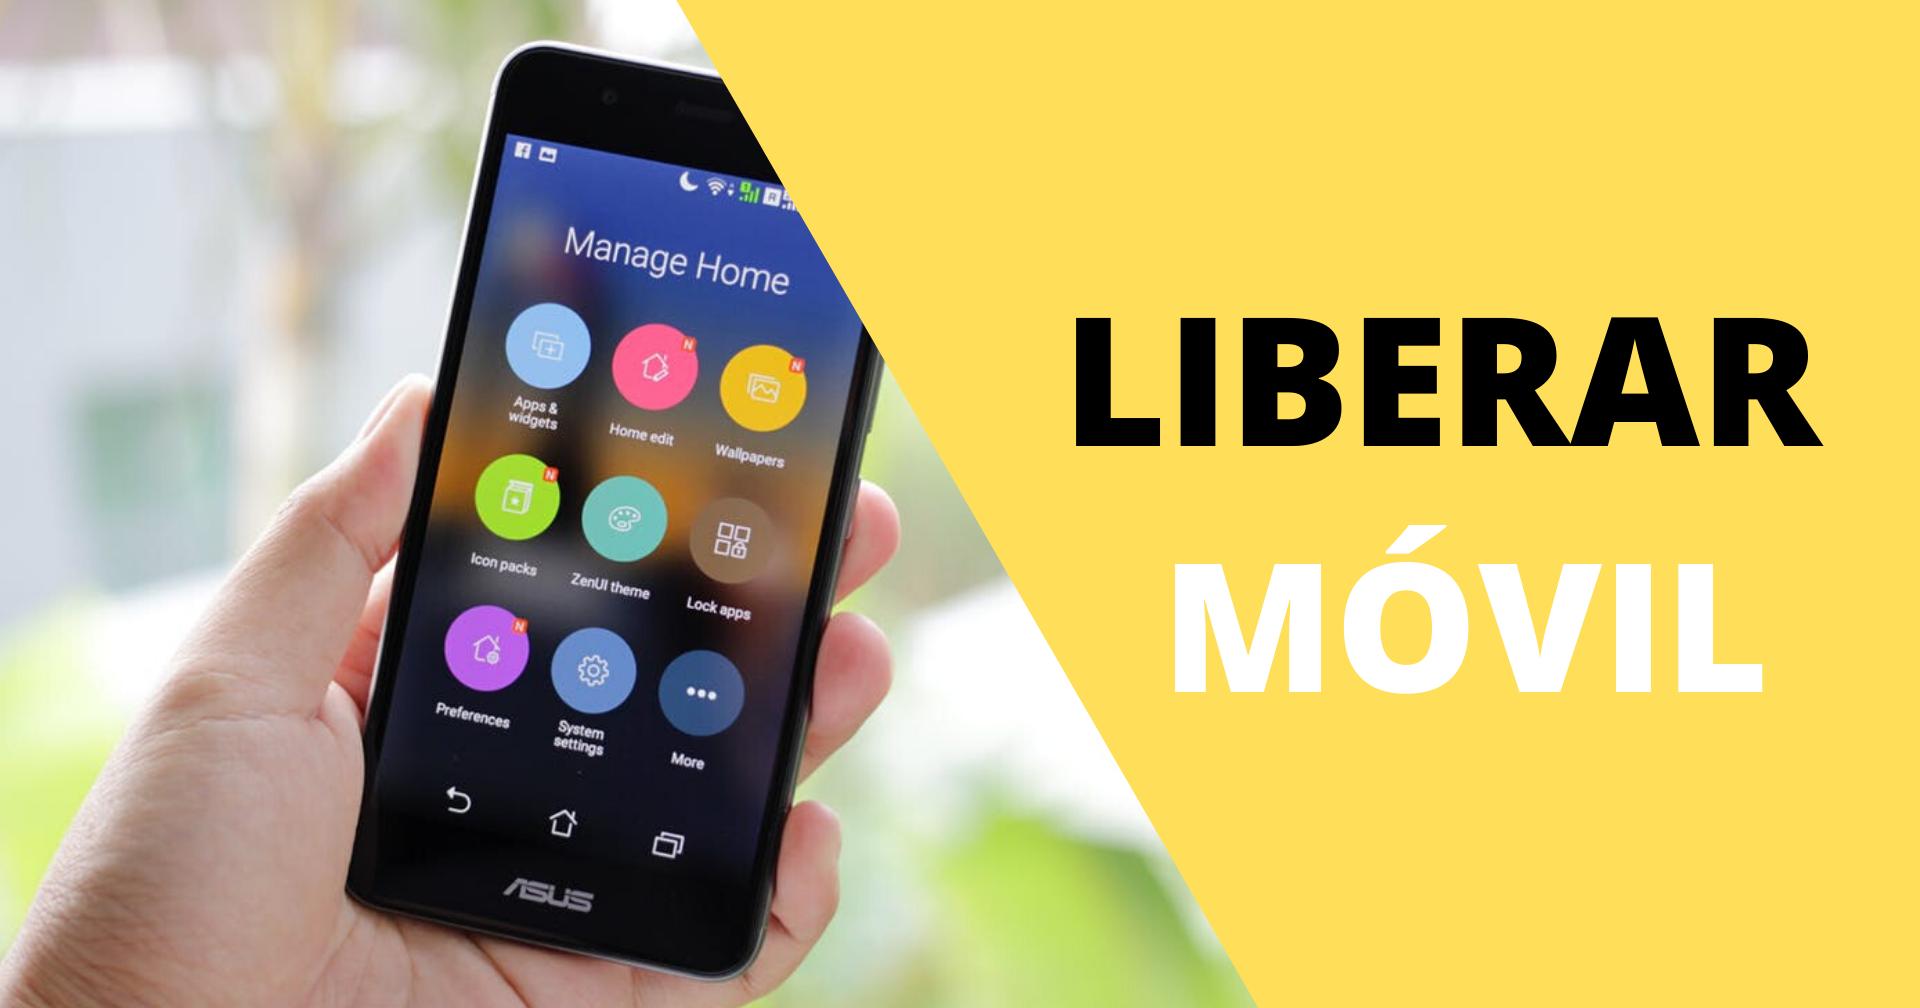 Cómo liberar un teléfono móvil gratis